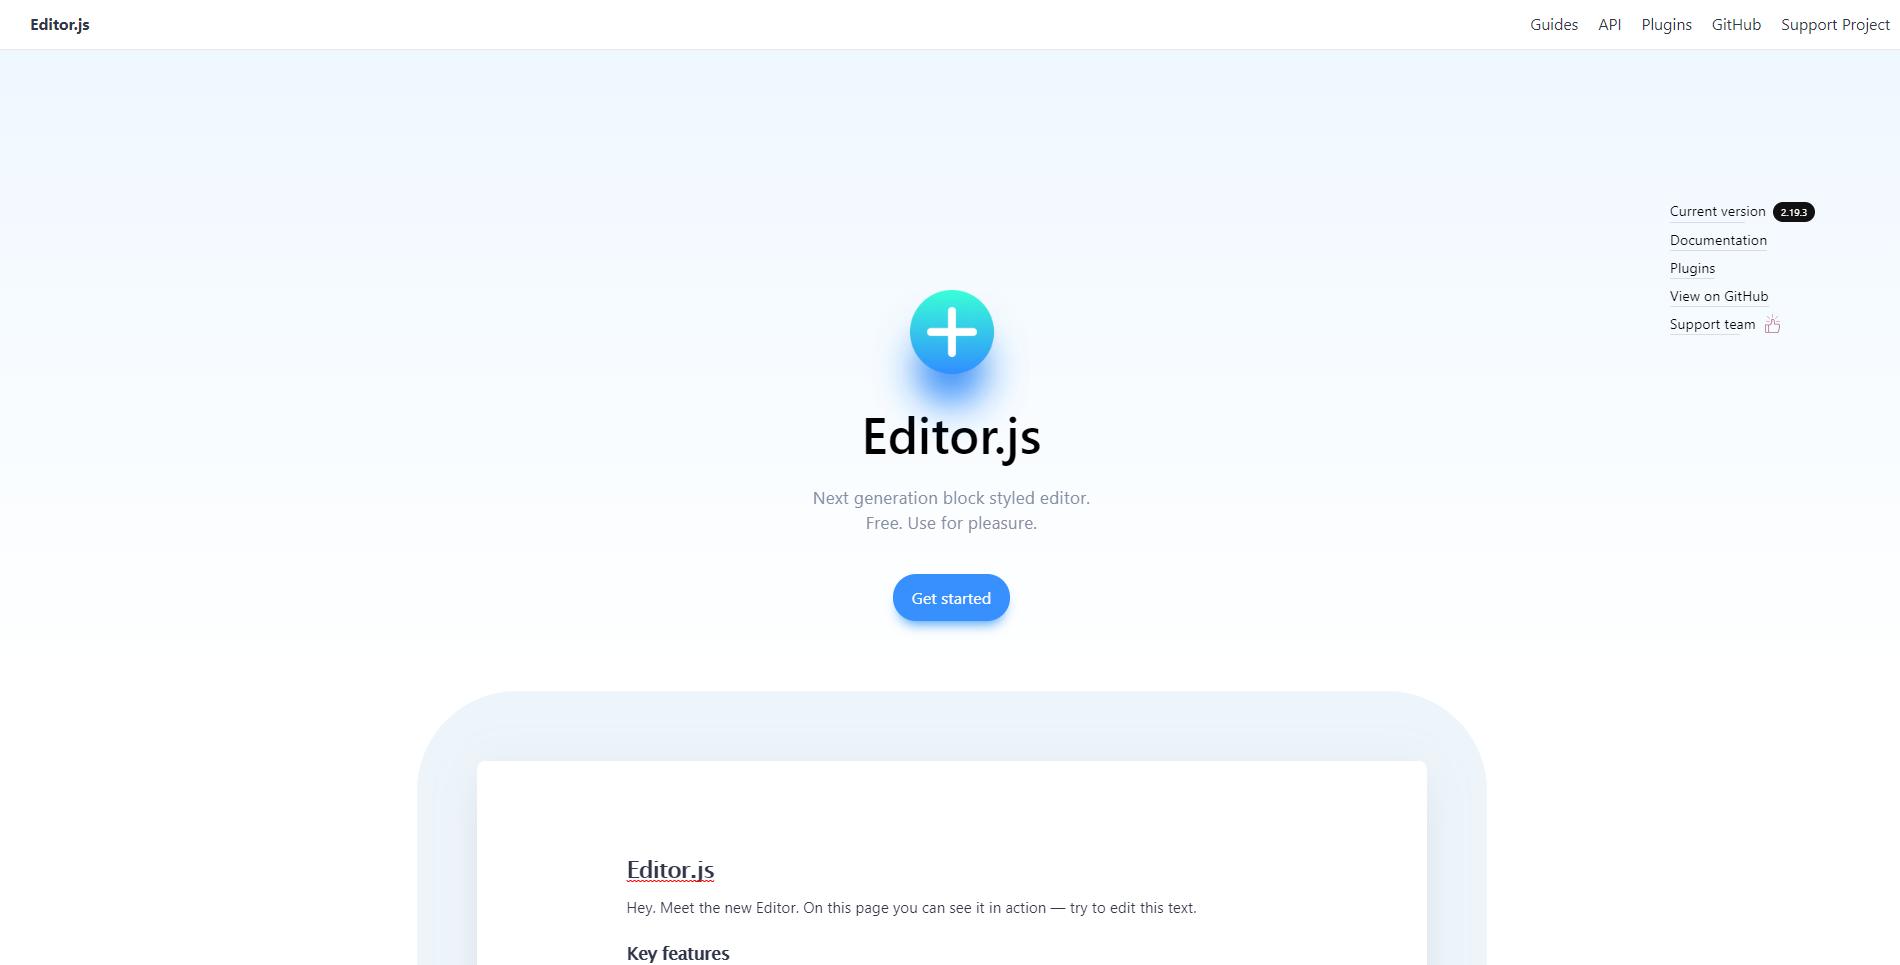 Editor.js landing page